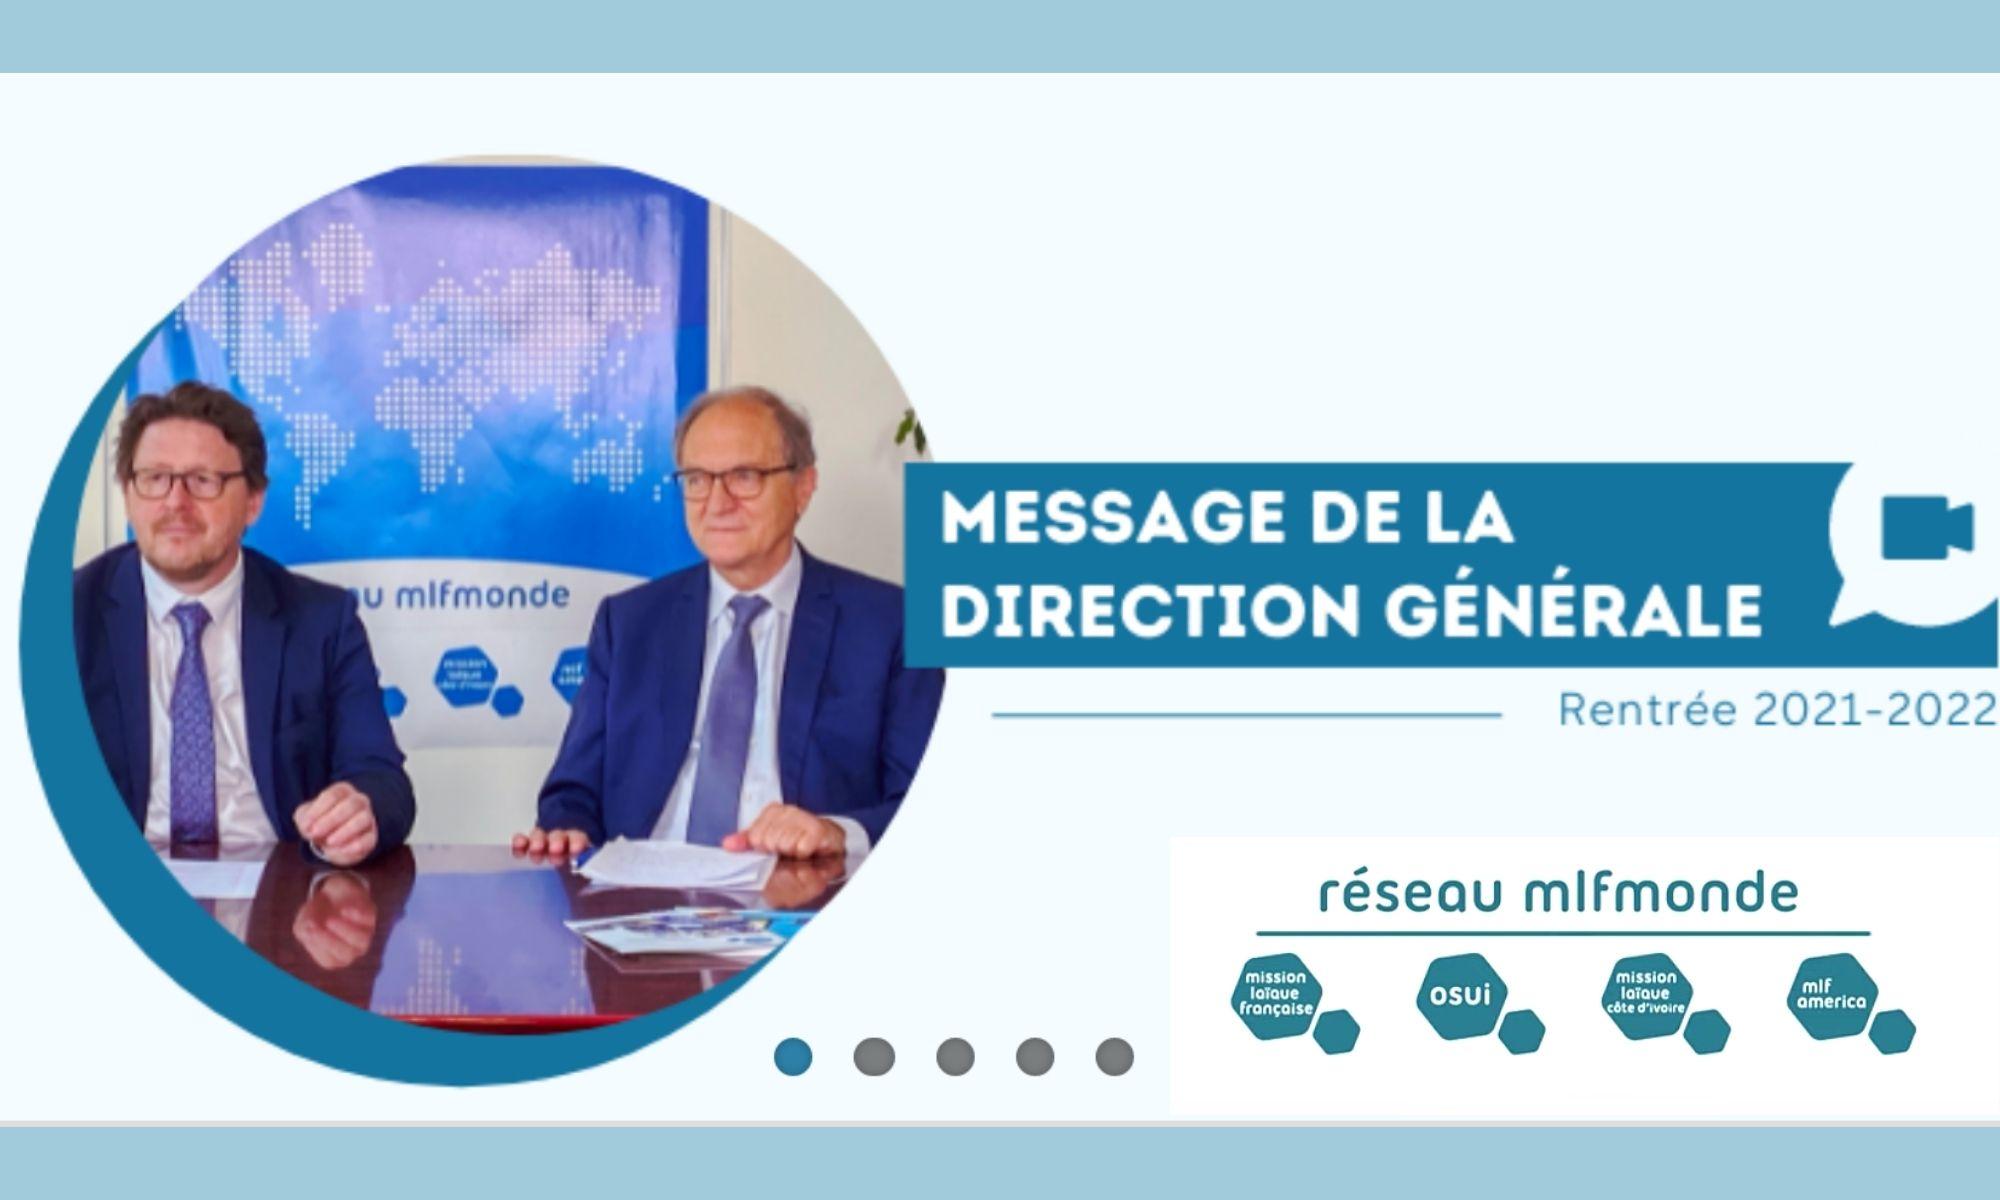 Message de rentrée de la direction du Réseau MLF monde pour l'année scolaire 2021/2022